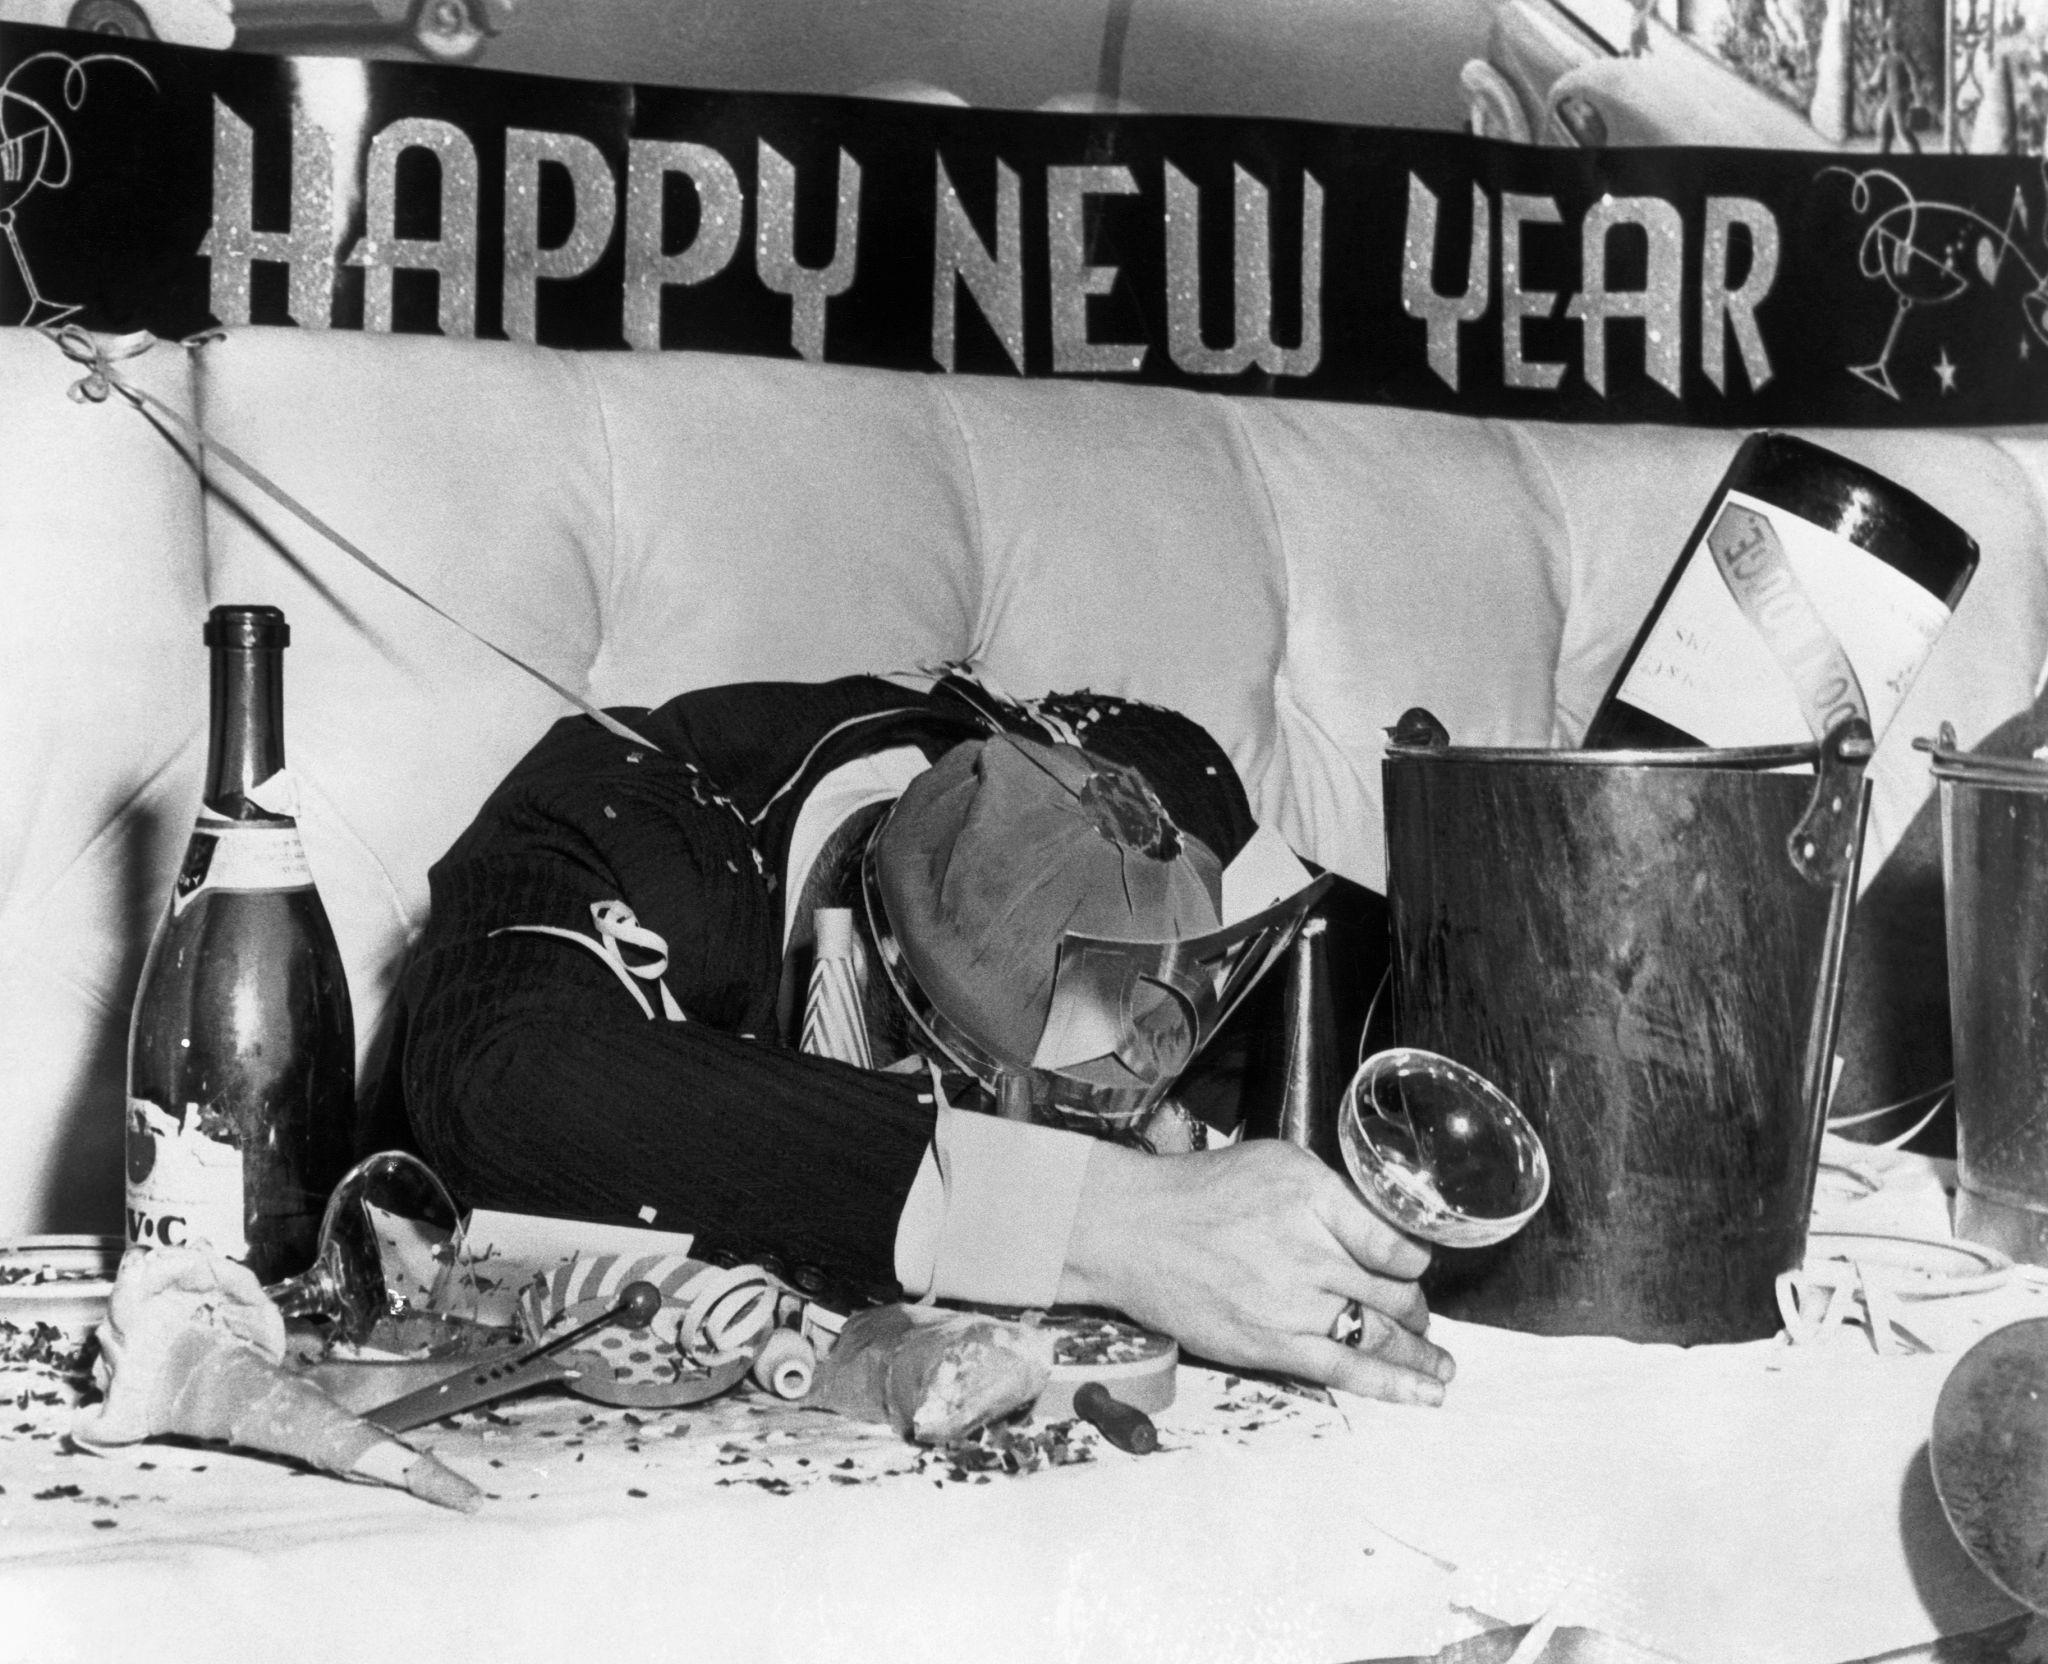 1947. Нью-Йорк. Все, что осталось от 1947 года - головная боль и работа уборщикам.jpg